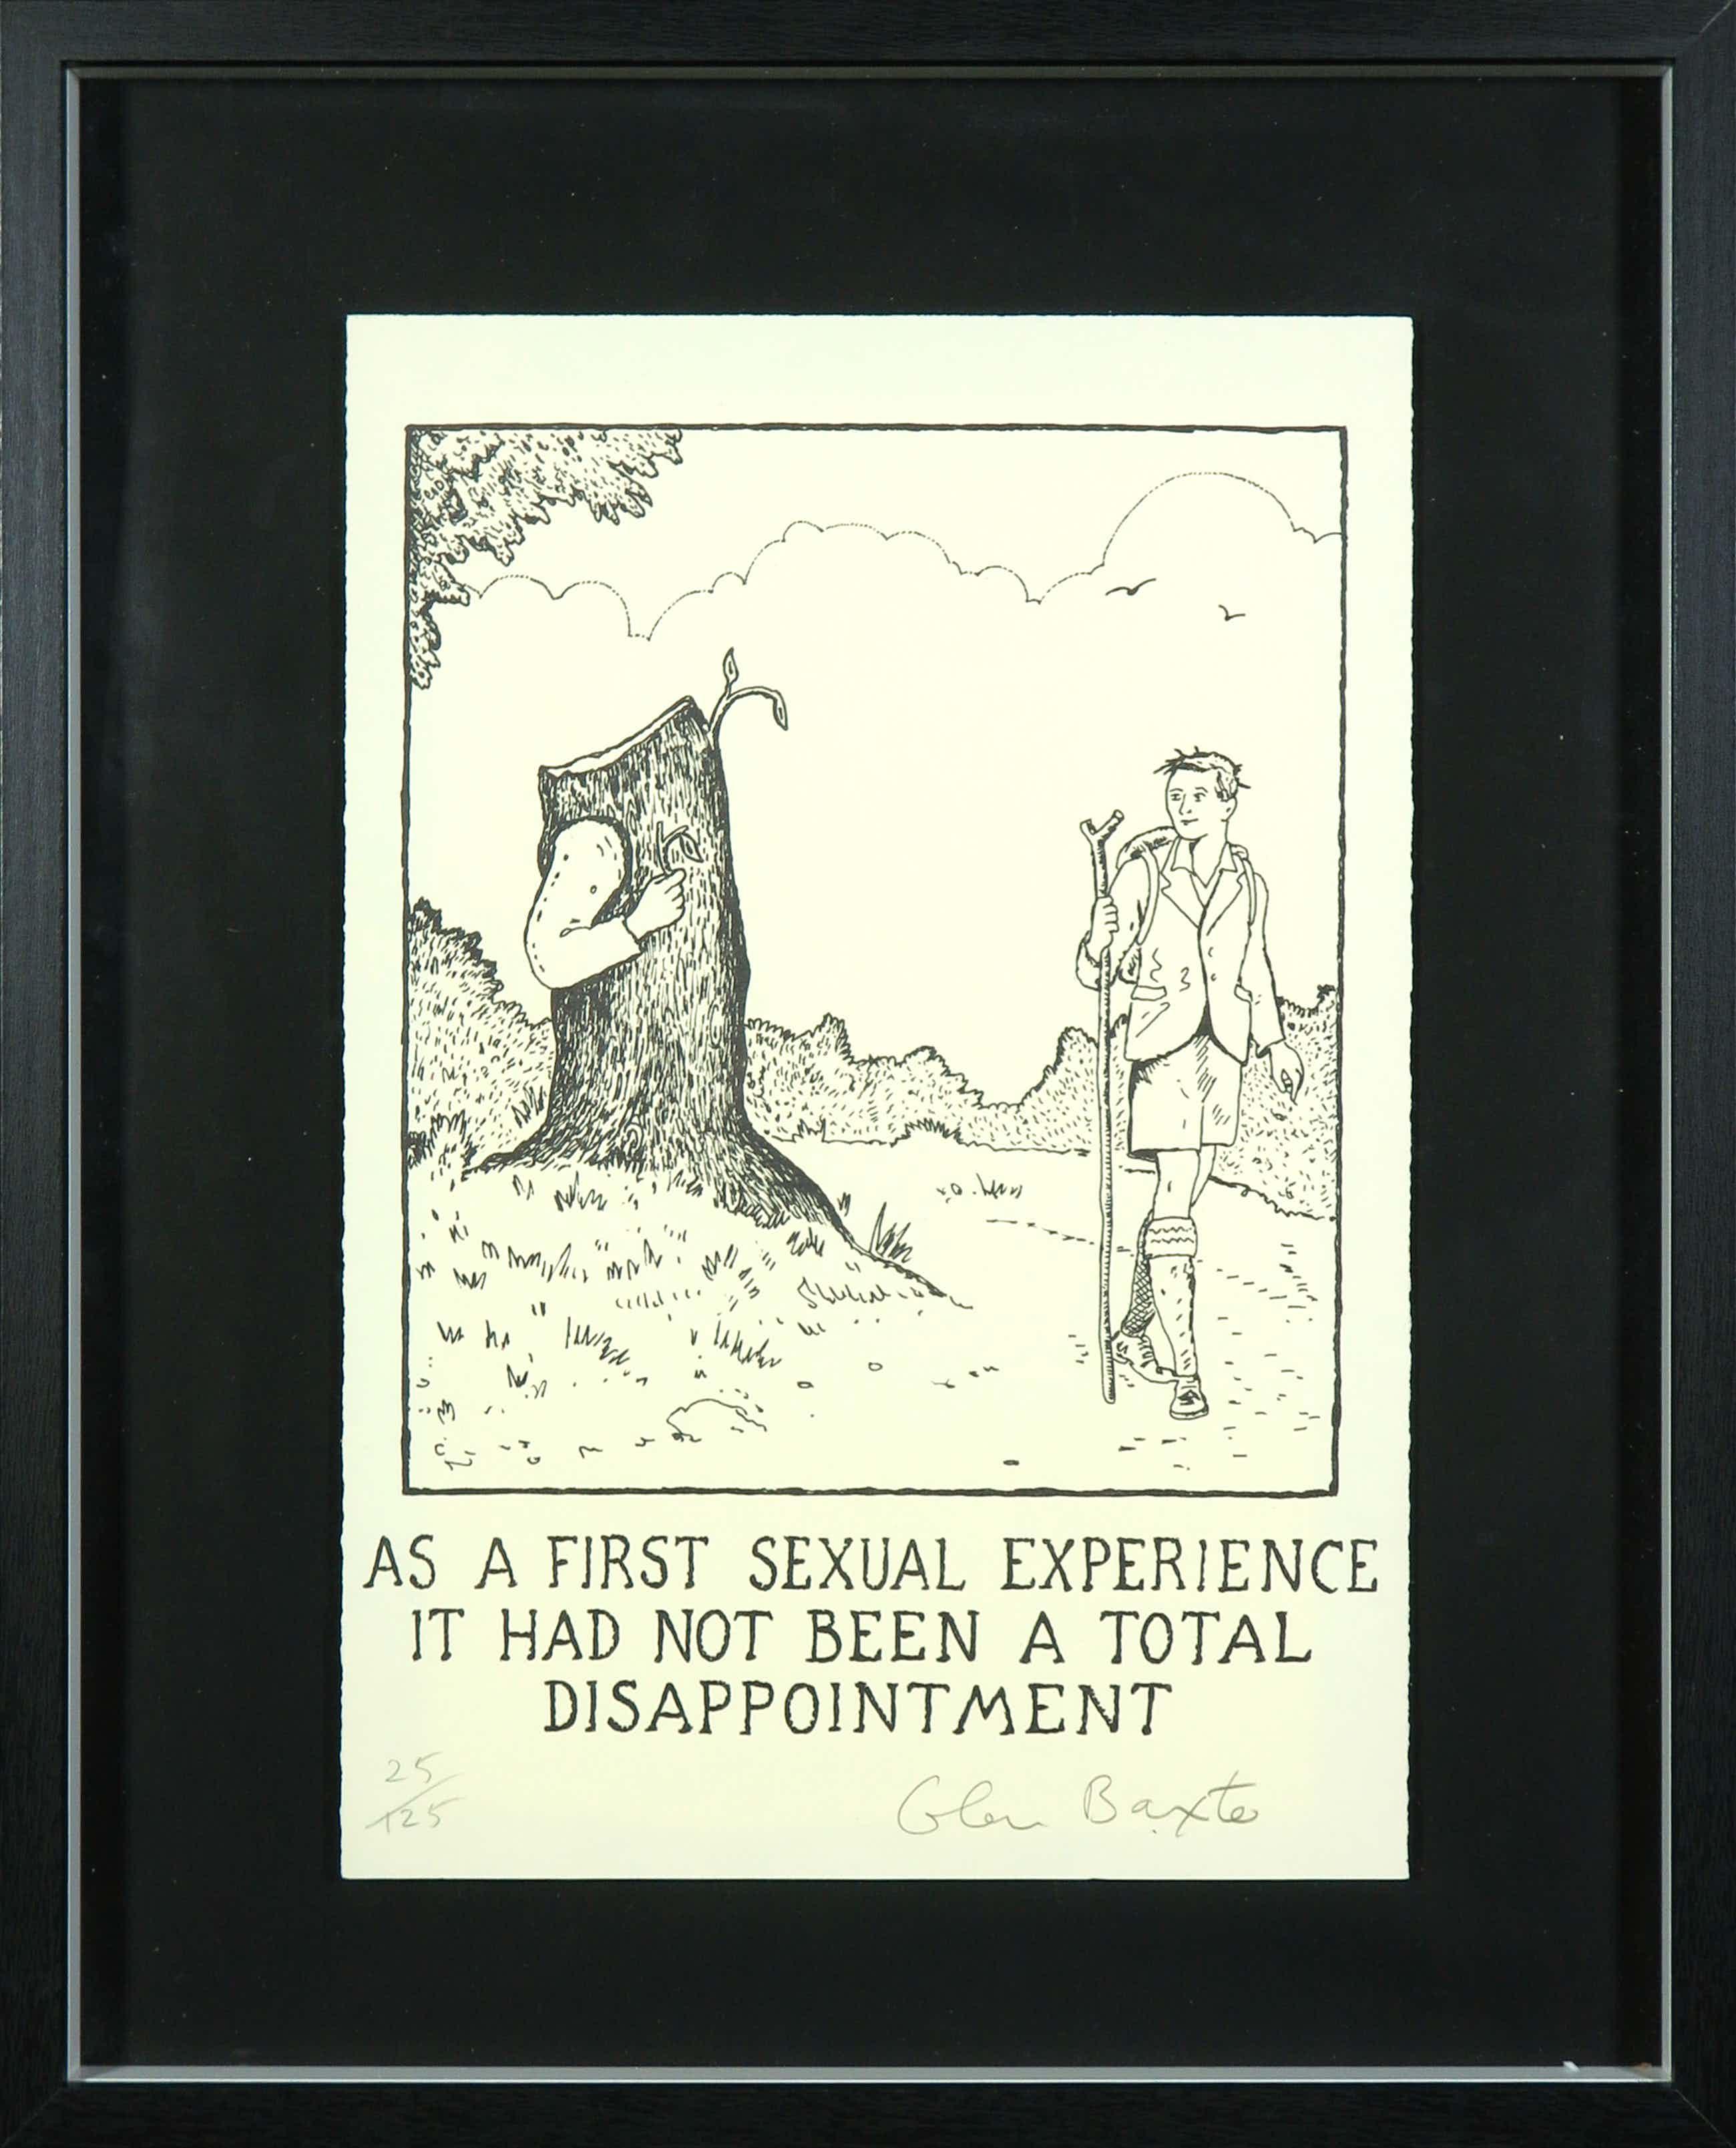 Glen Baxter - Litho, As a first sexual experience (...) - Ingelijst kopen? Bied vanaf 72!